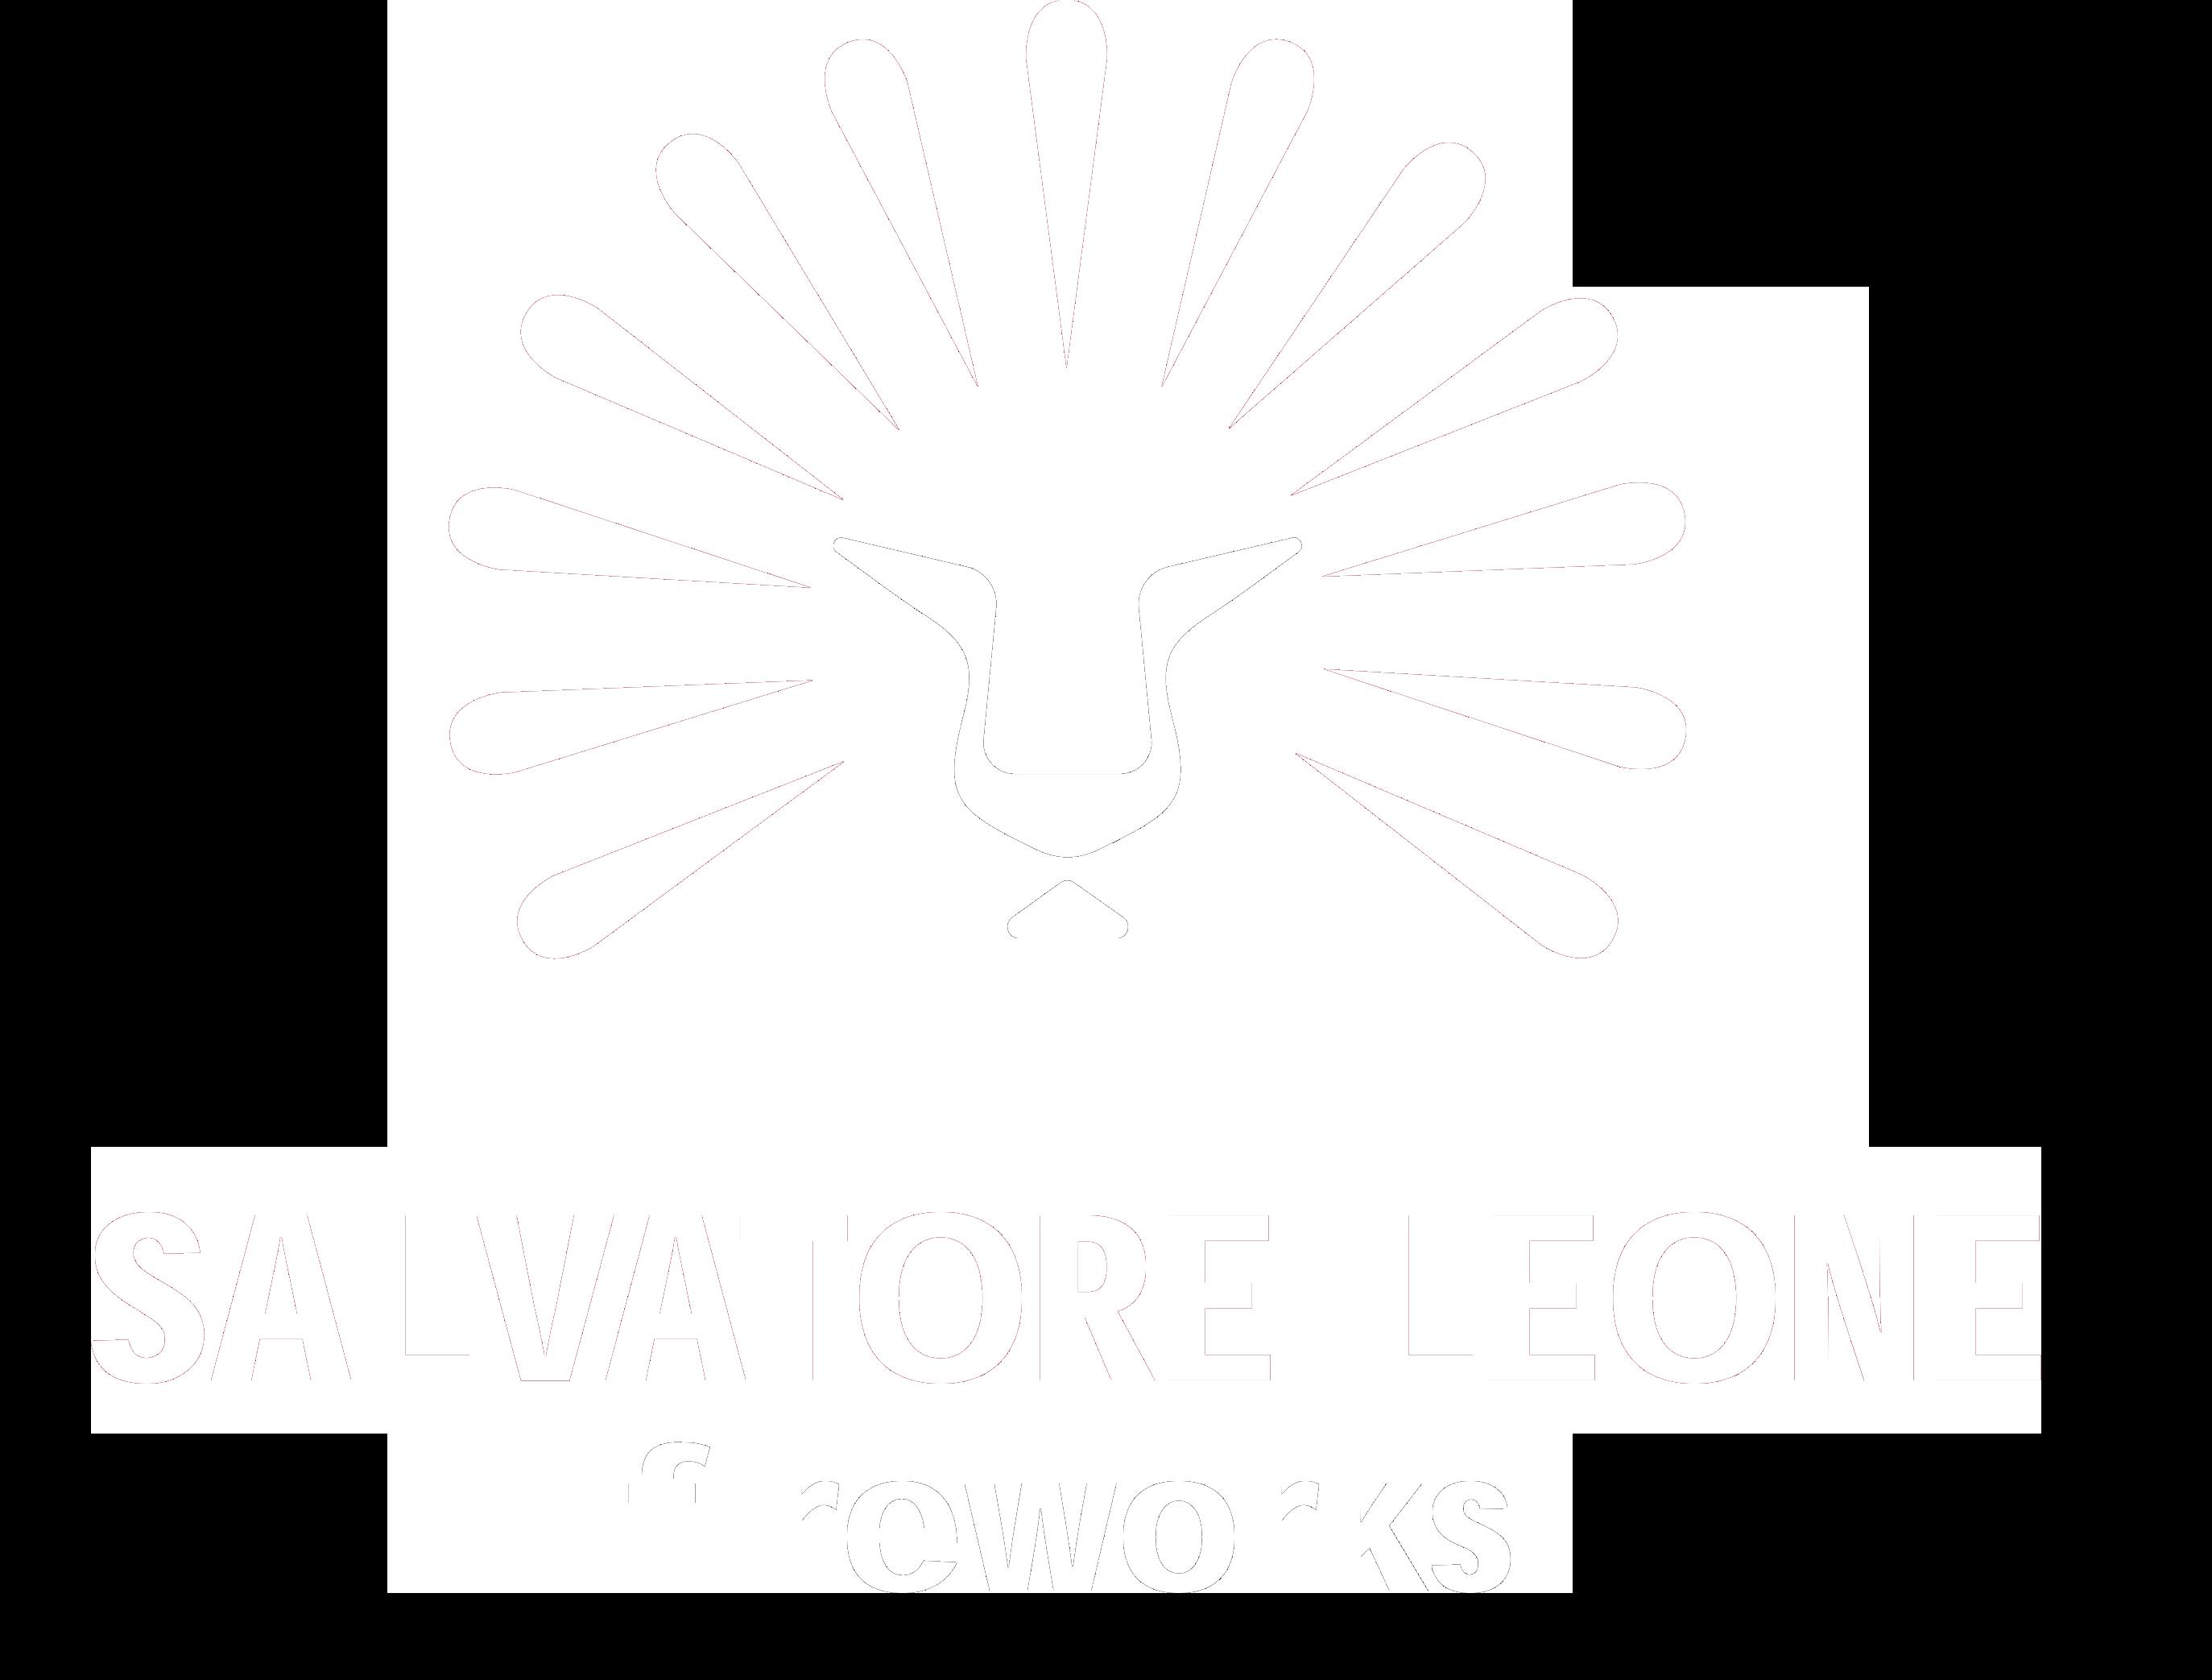 Salvo Leone Fireworks